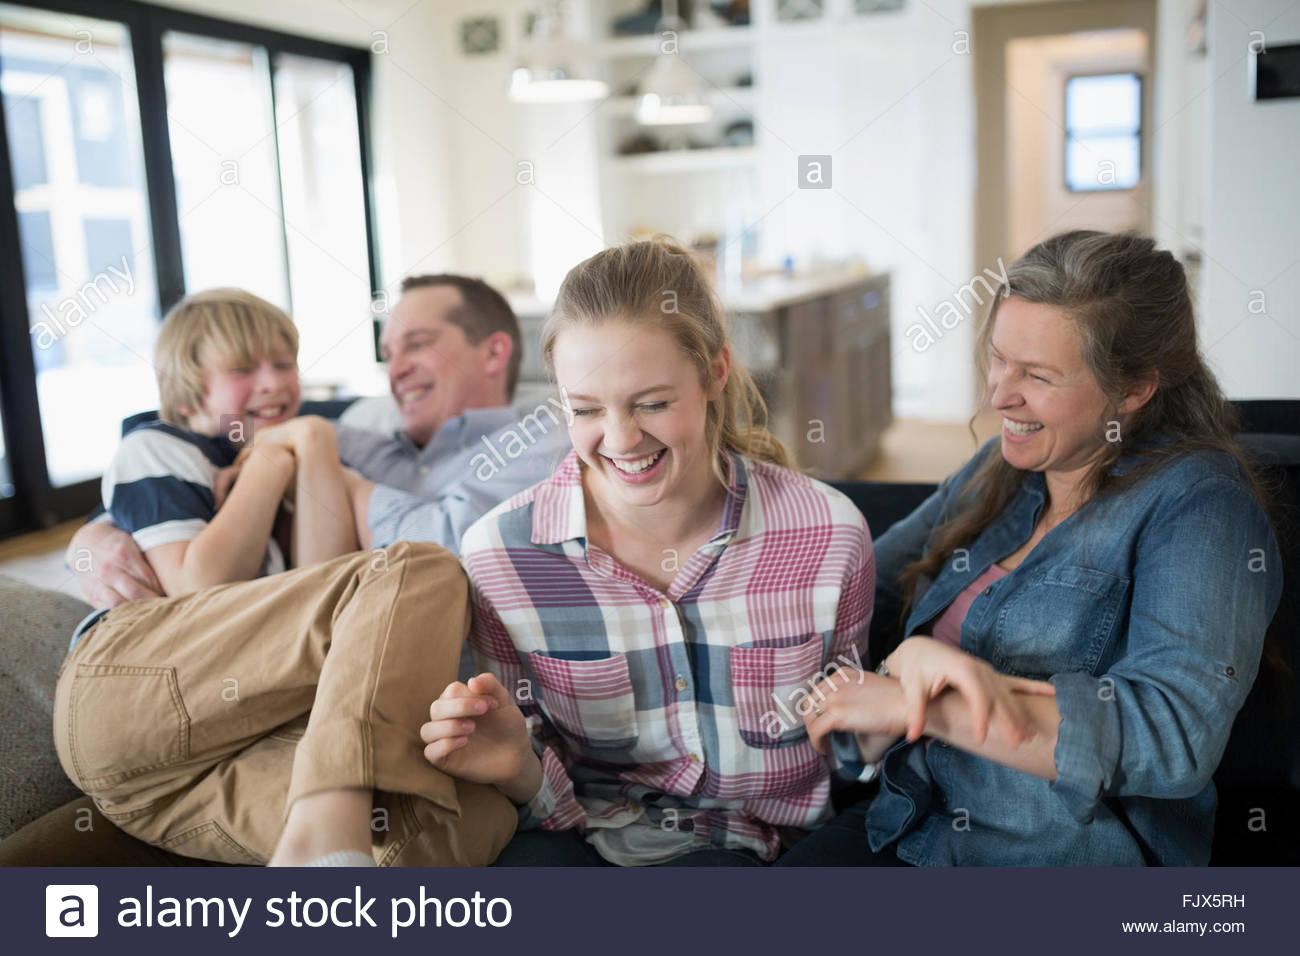 Lachend Familie auf Sofa im Wohnzimmer Stockbild